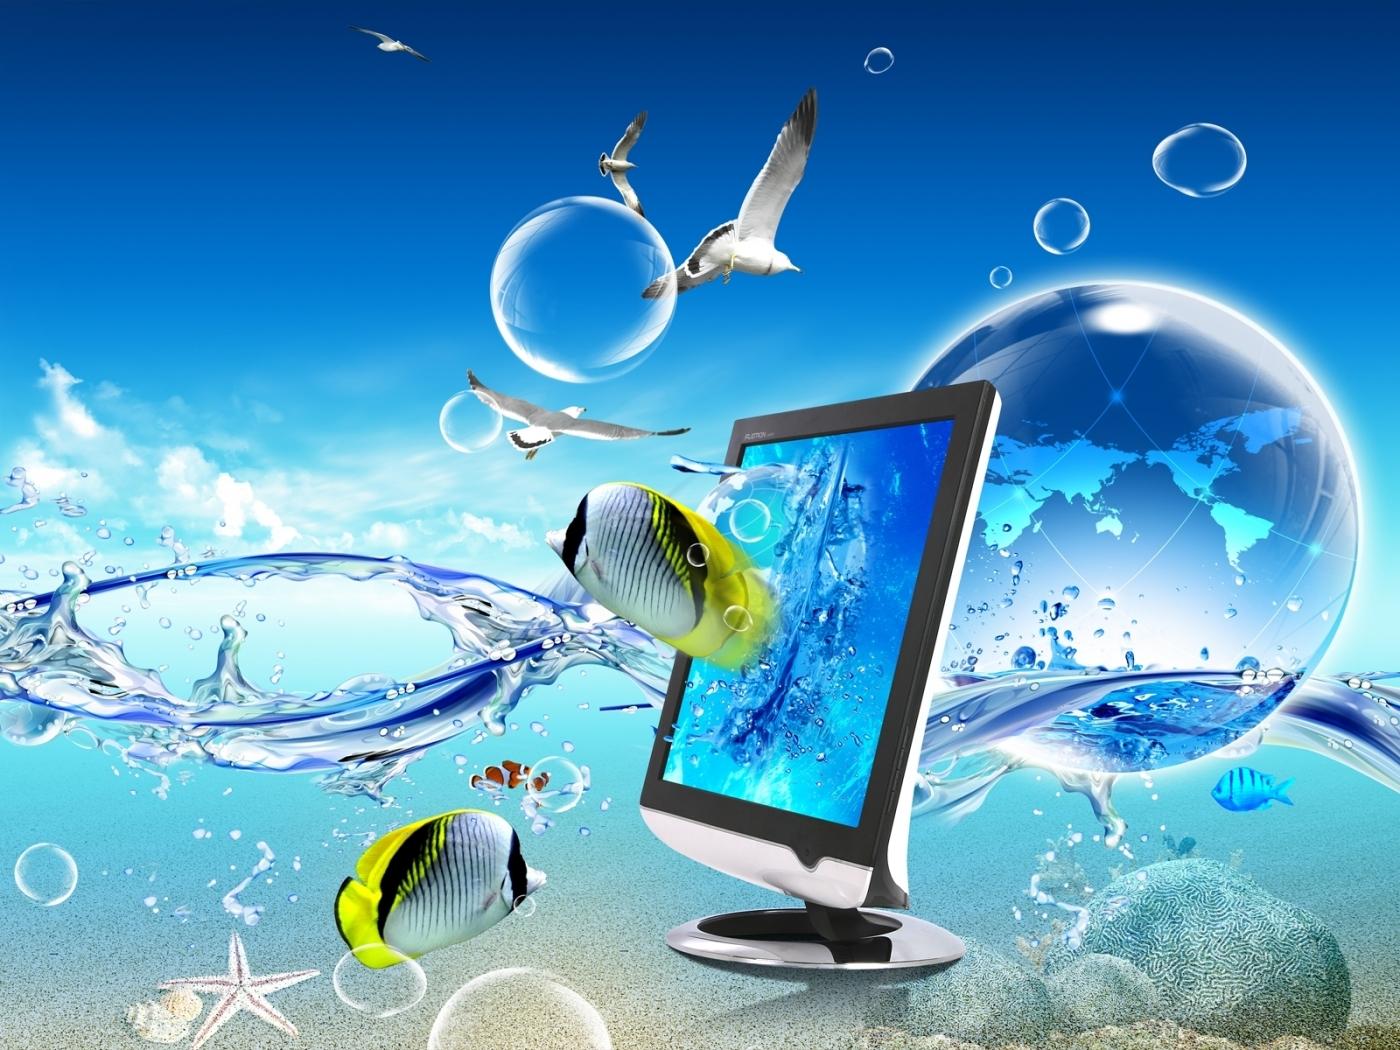 30366 Заставки и Обои Рыбы на телефон. Скачать Рыбы, Фон, Артфото, Чайки картинки бесплатно